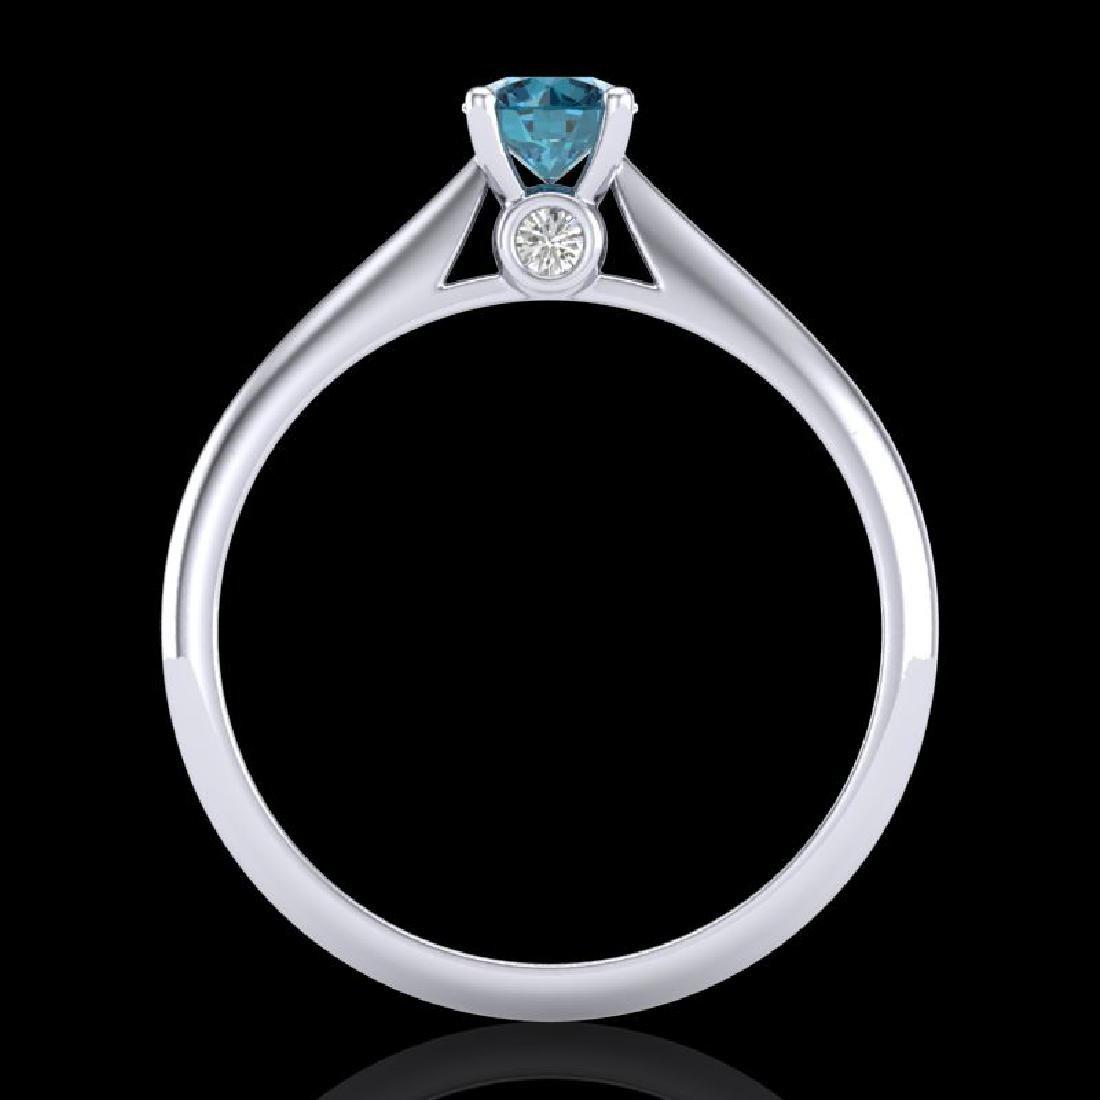 0.4 CTW Intense Blue Diamond Solitaire Engagement Art - 3